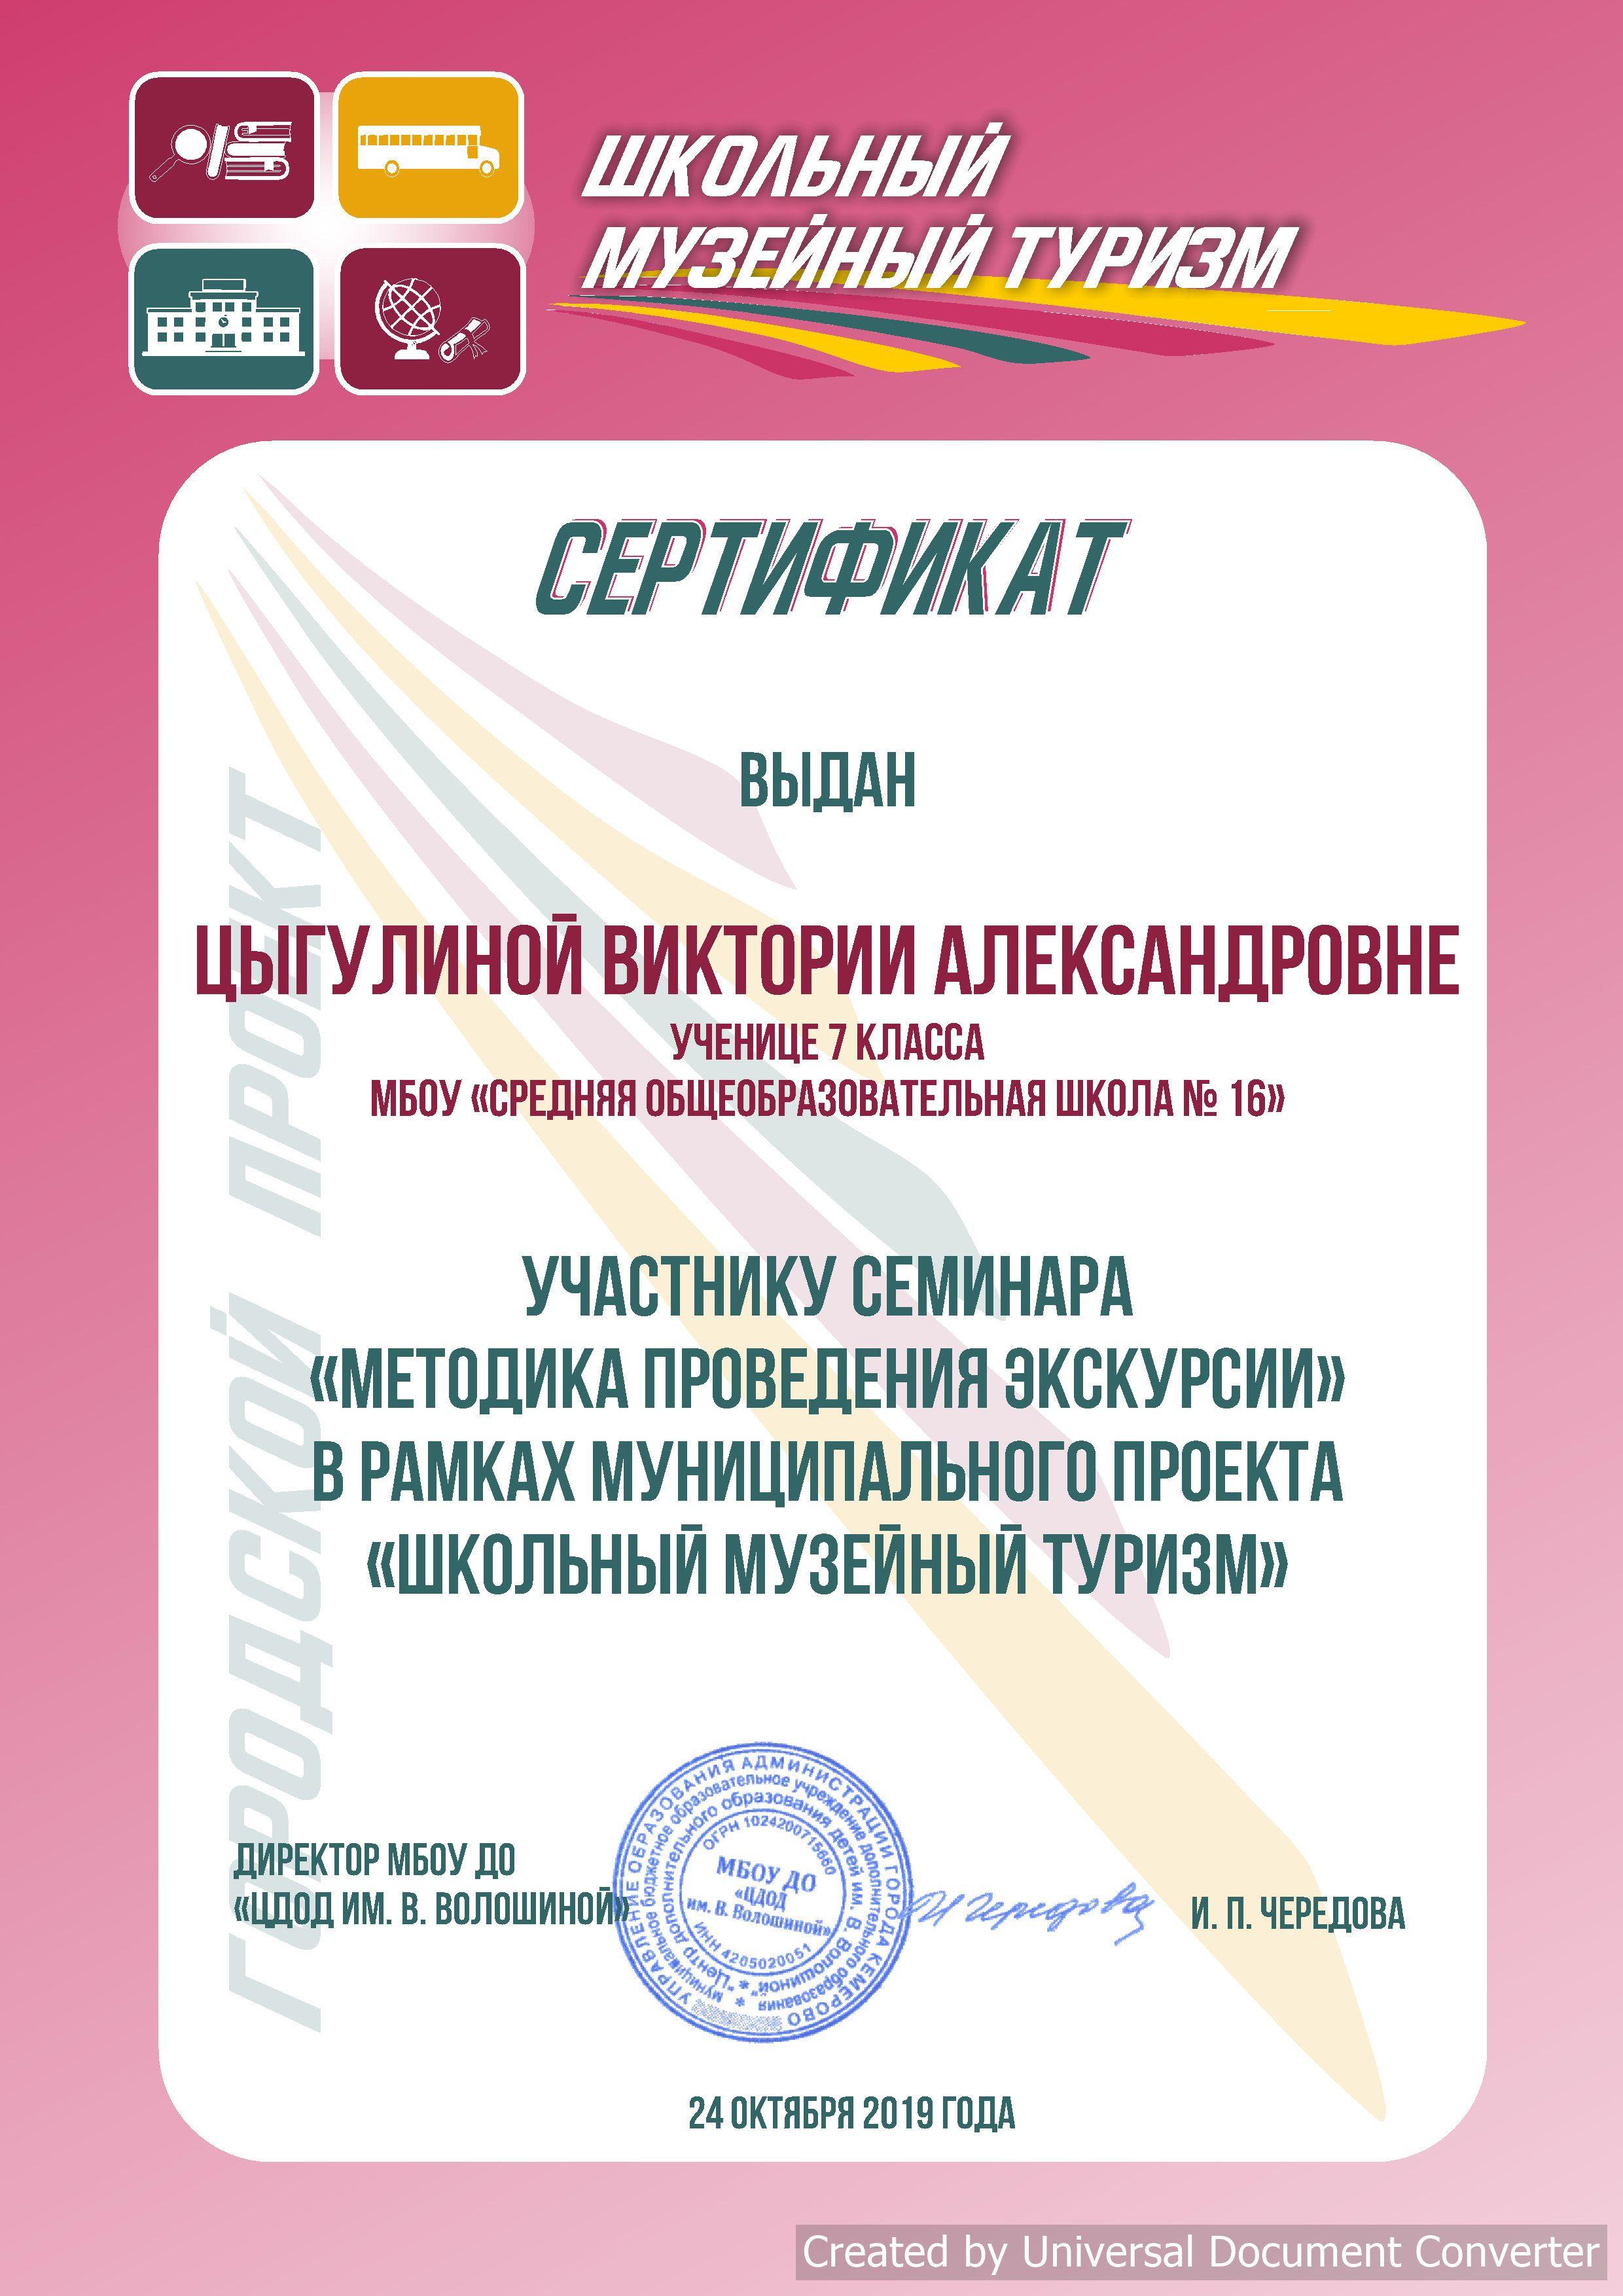 Сертификат Цыгулиной В.